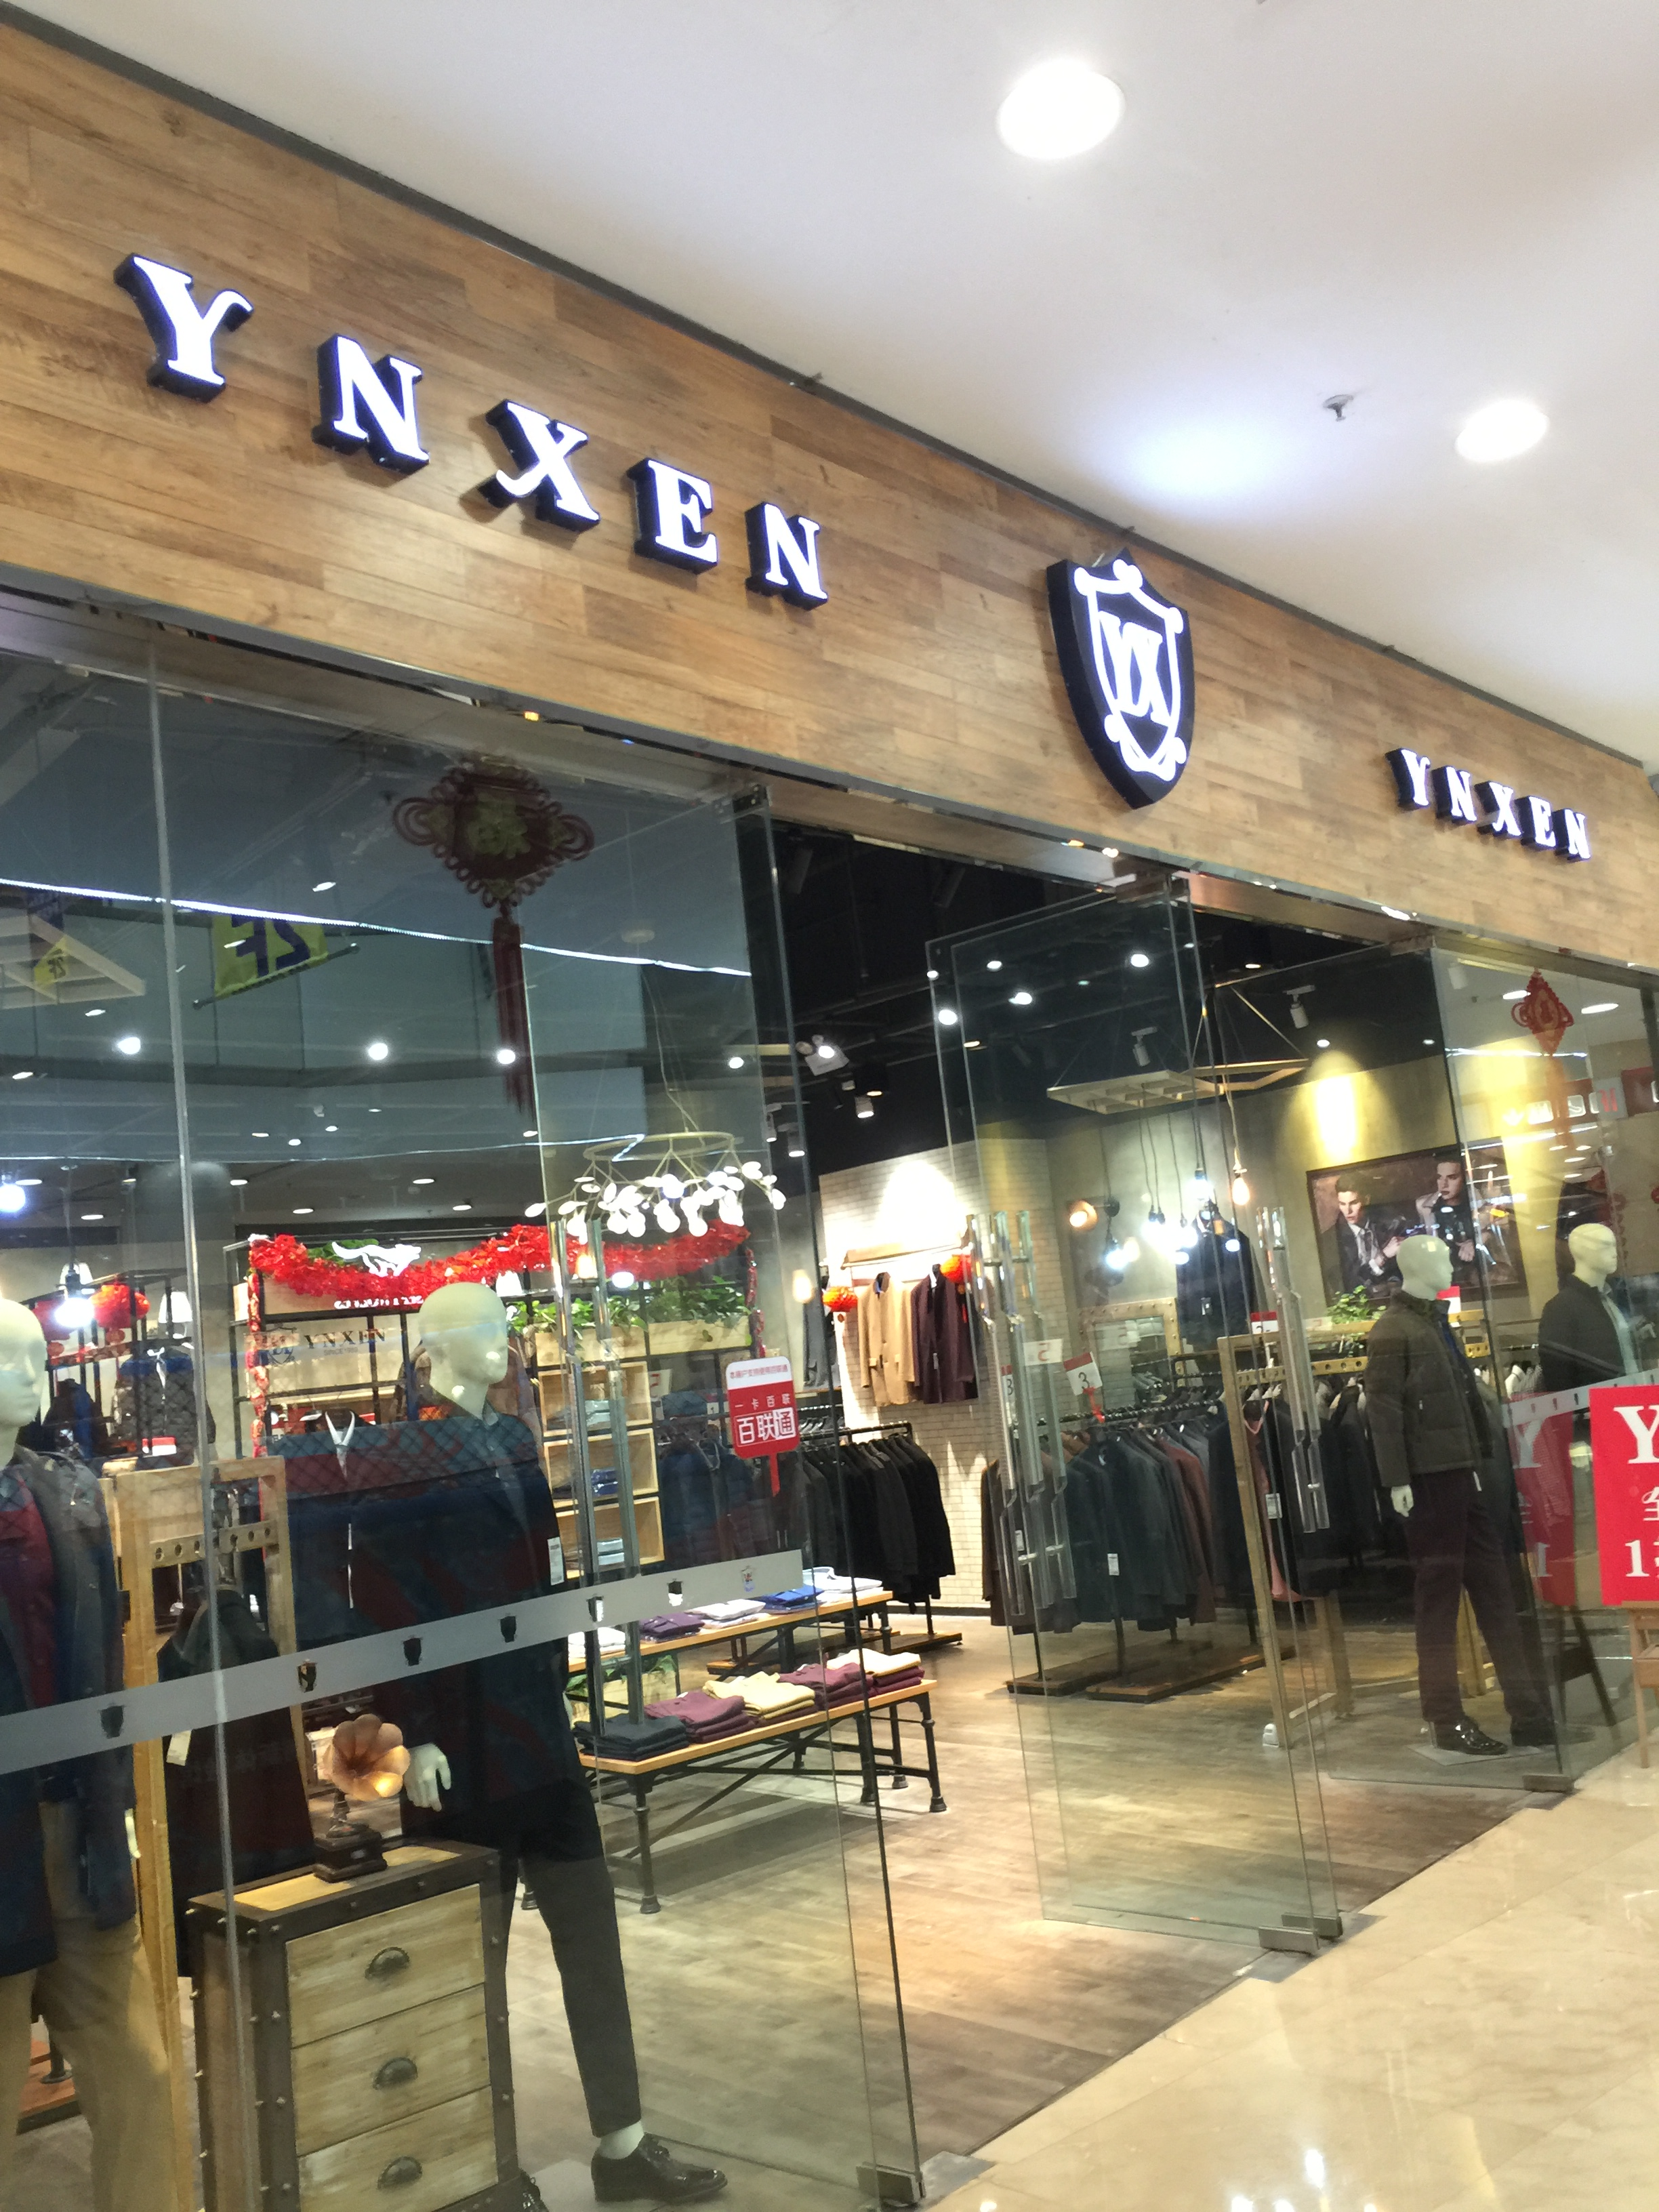 YNXEN